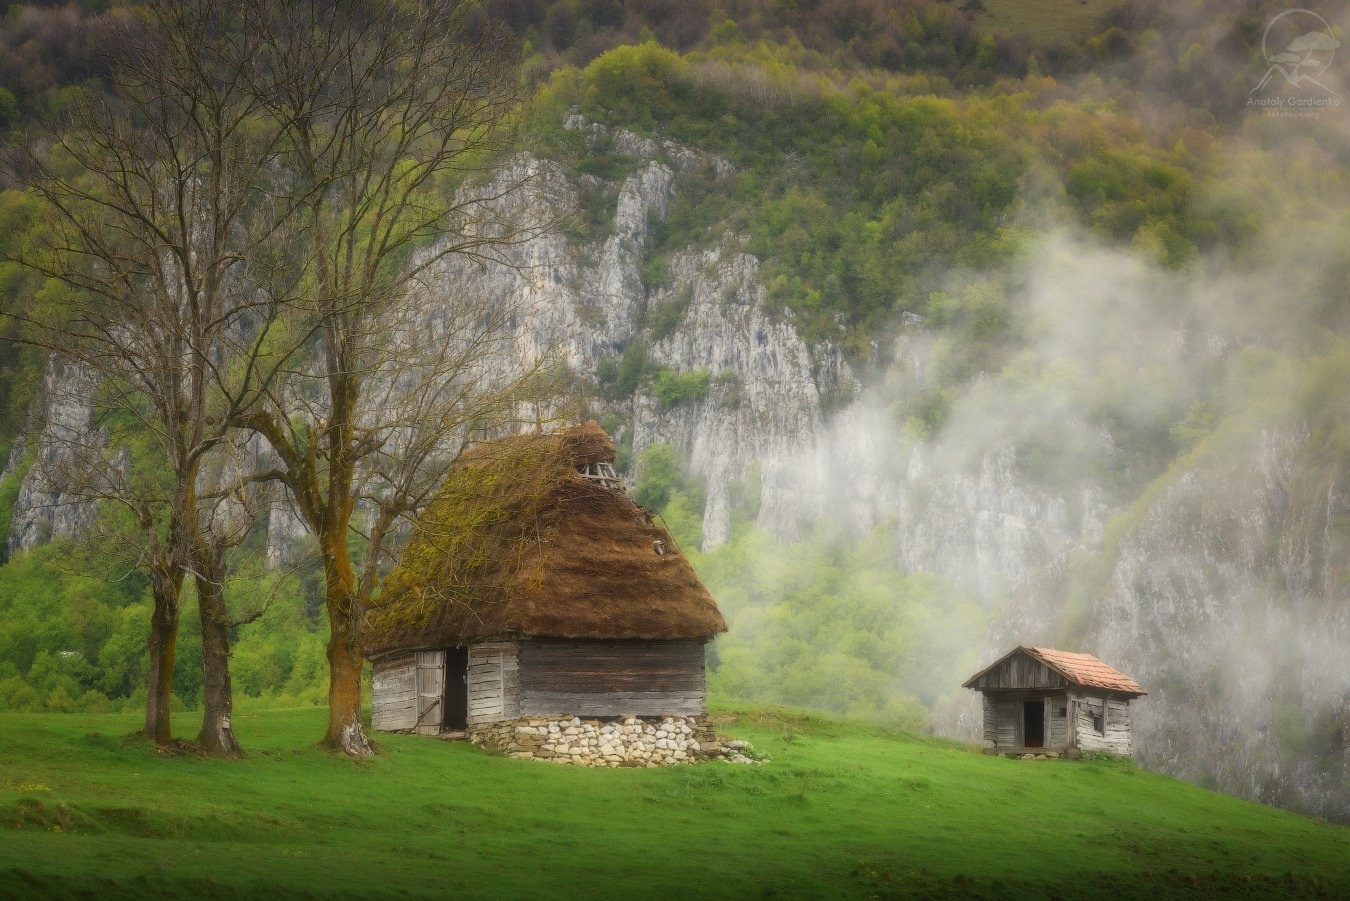 пейзаж, природа, горы, румыния, карпаты, туман, облака, Гордиенко Анатолий